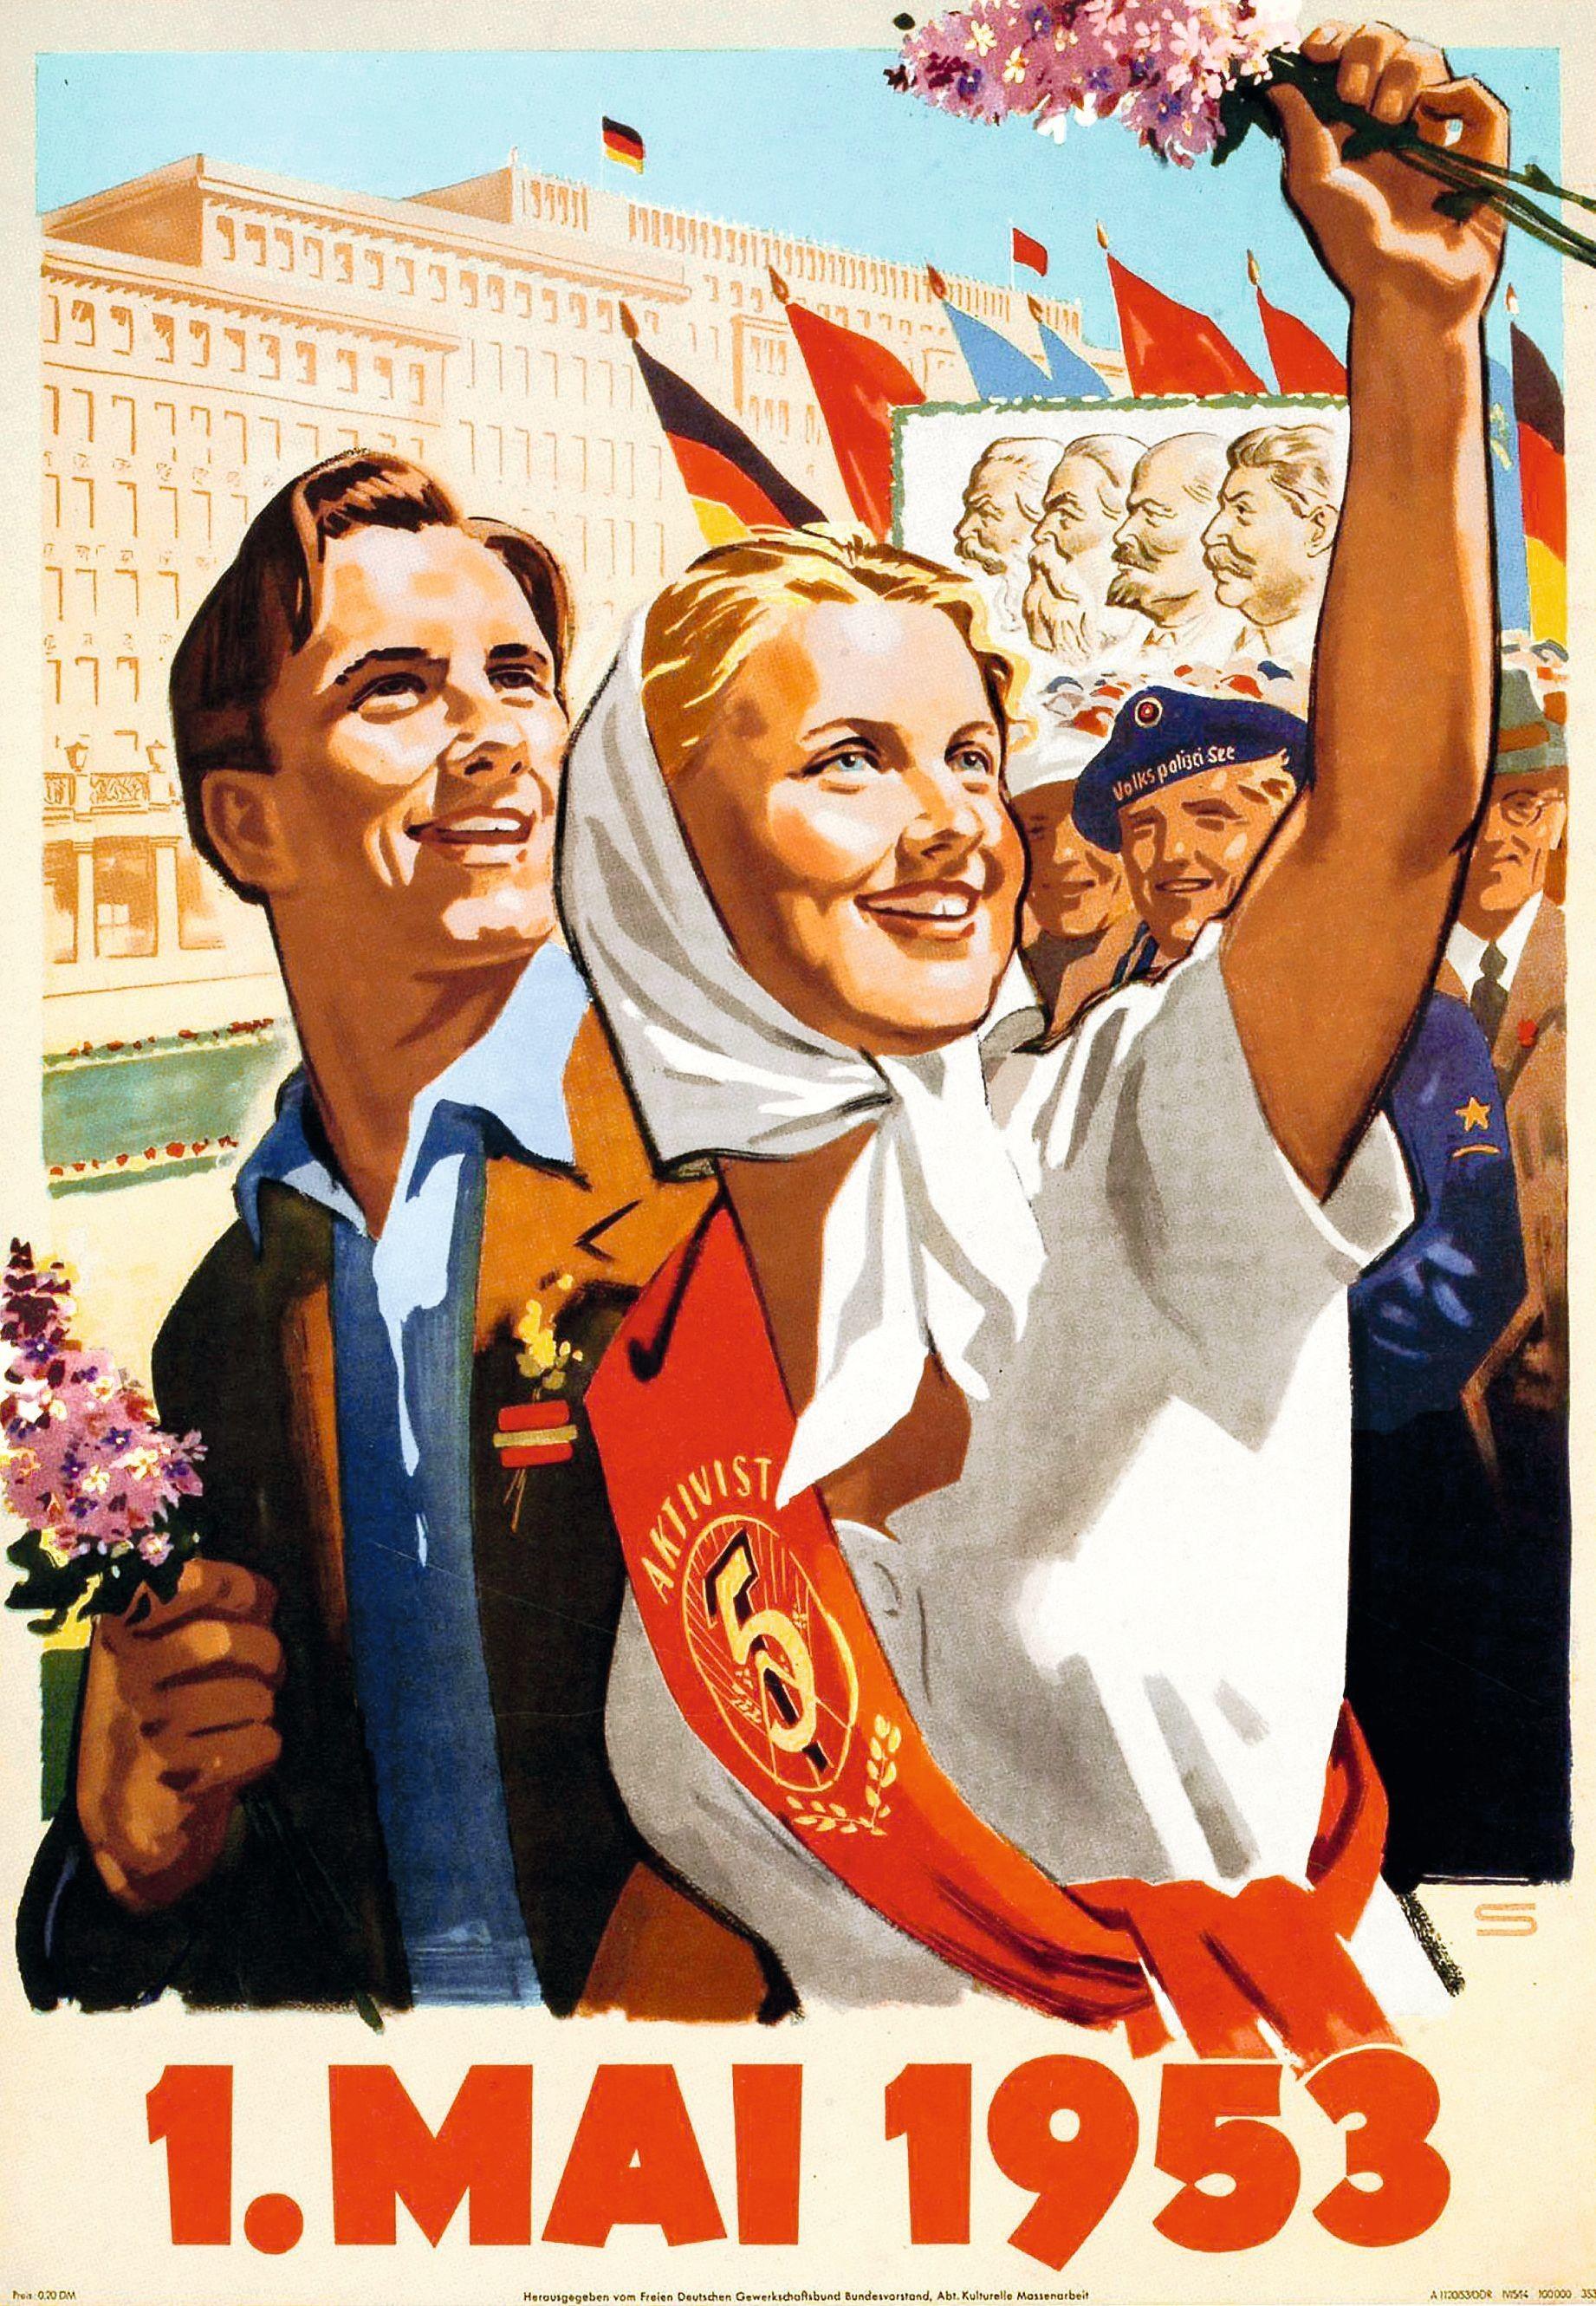 Affiche annonçant le défilé du 1er mai 1953 sur la Stalinallee, Berlin-Est, Deutsch Historisches Museum, Berlin